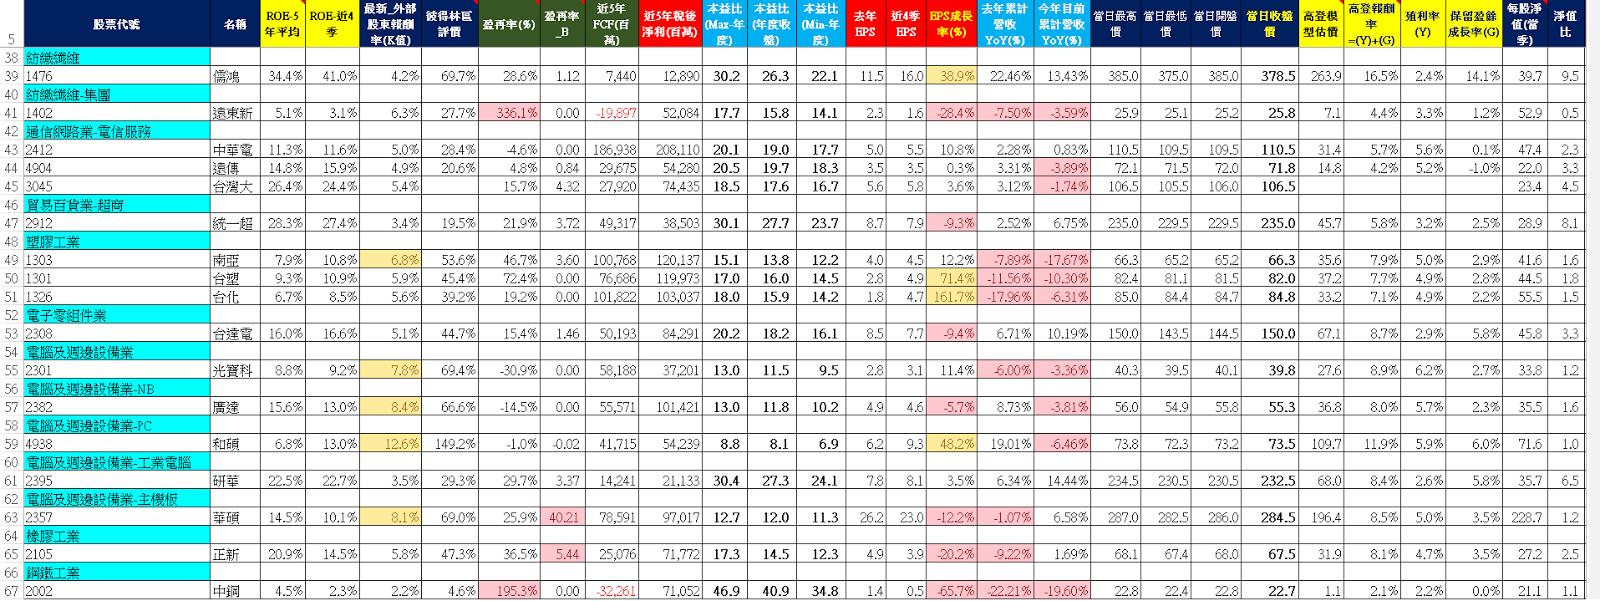 臺灣50成分股數據